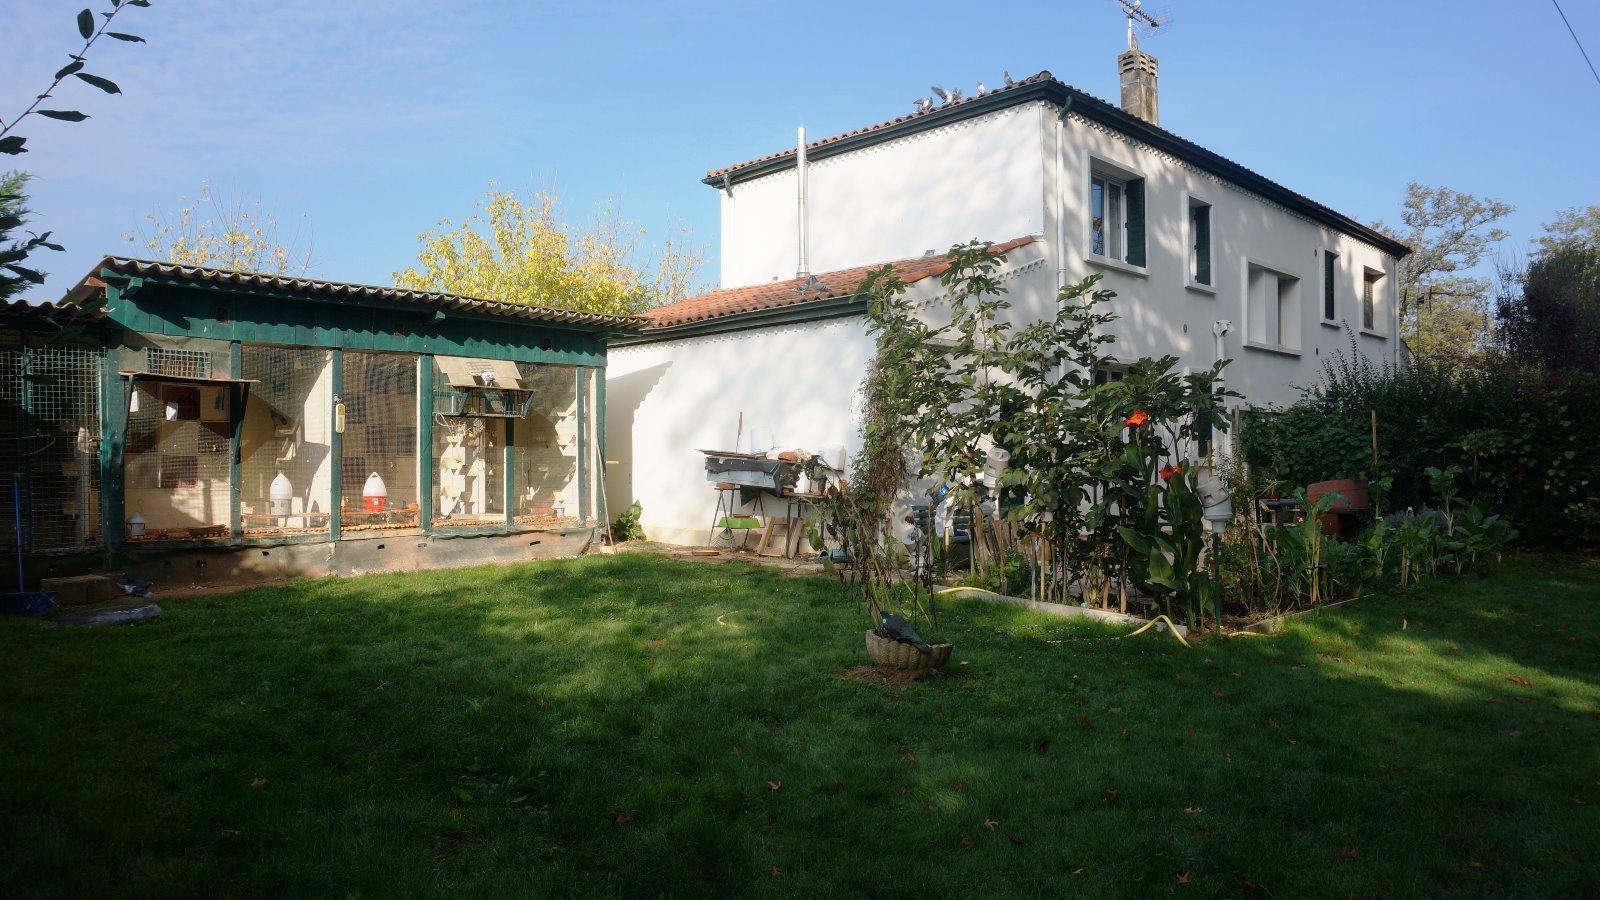 Vente maison villa aire sur l adour aire sur l 39 adour 40800 for Garage auguchon aire sur l adour